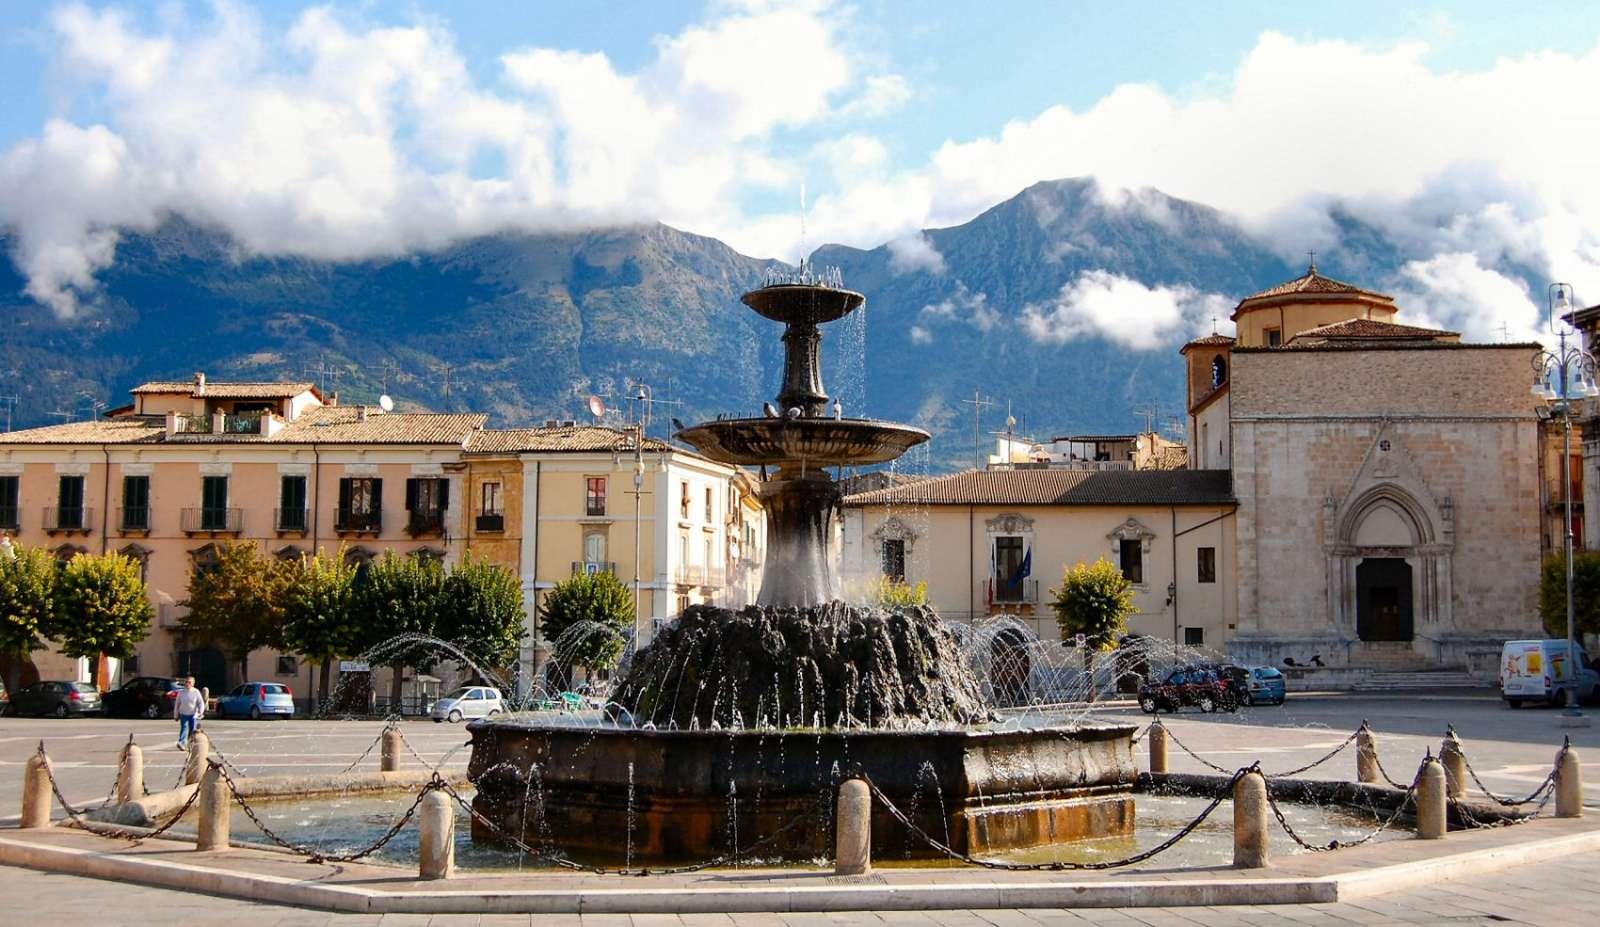 Piazza Garibaldi er byens største plads, med en fontæne i barokstil